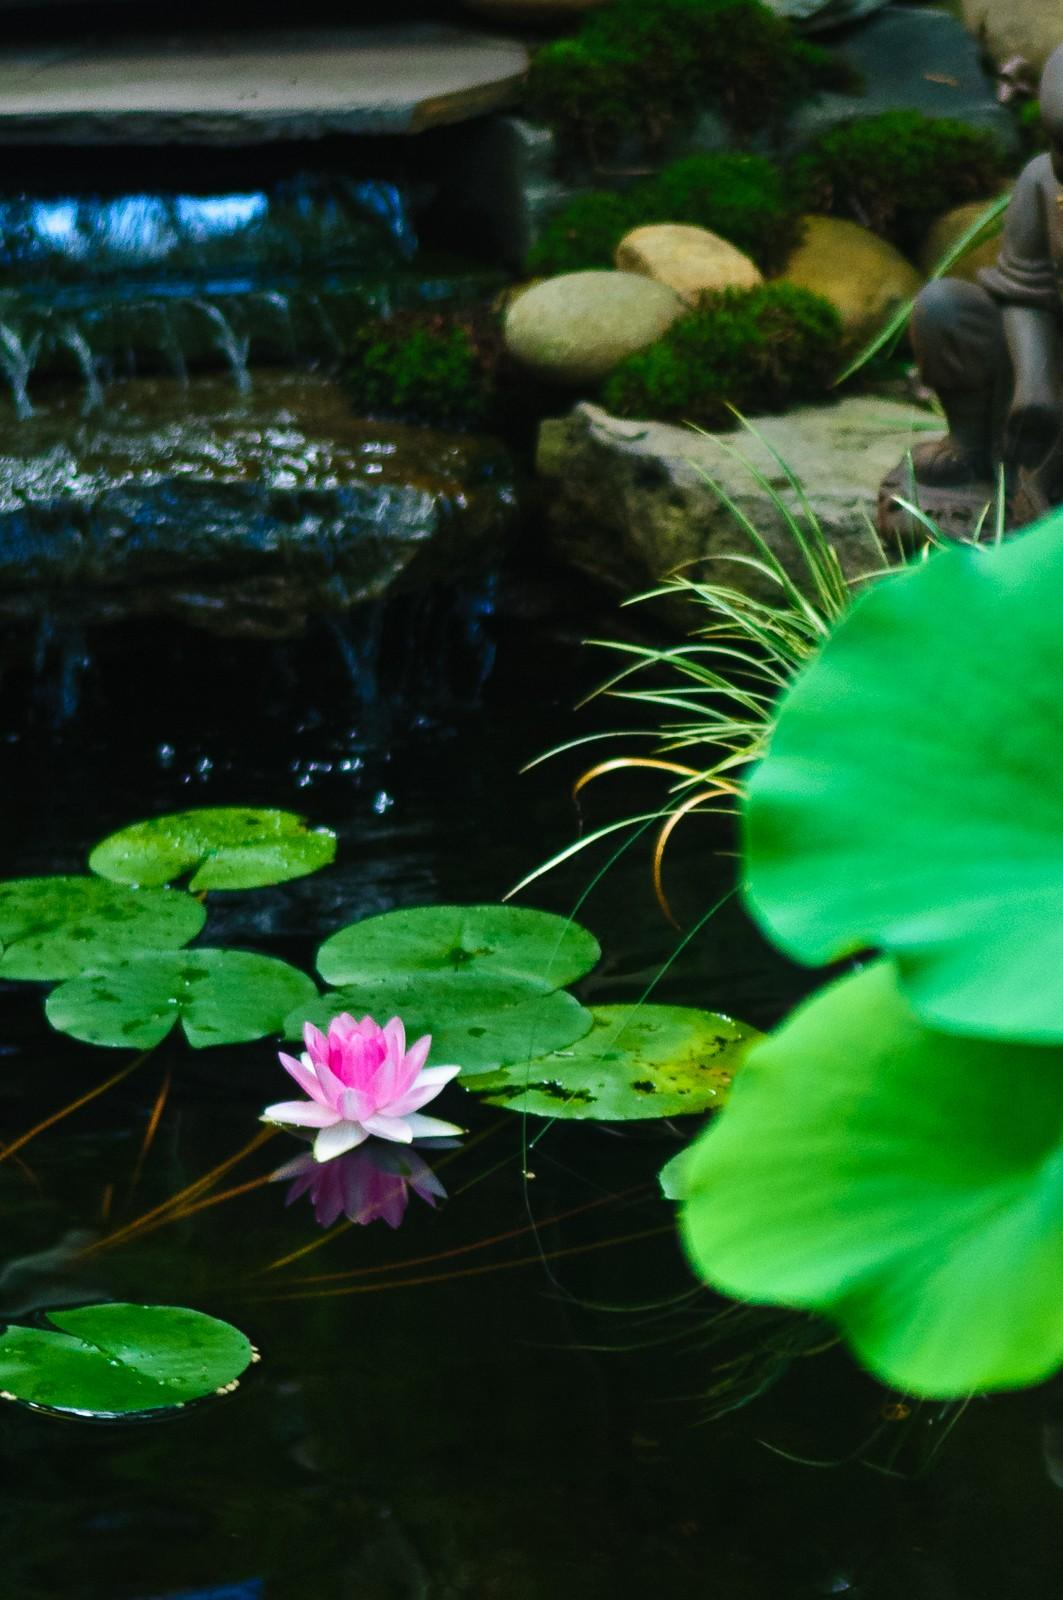 zen-water-lily-1427